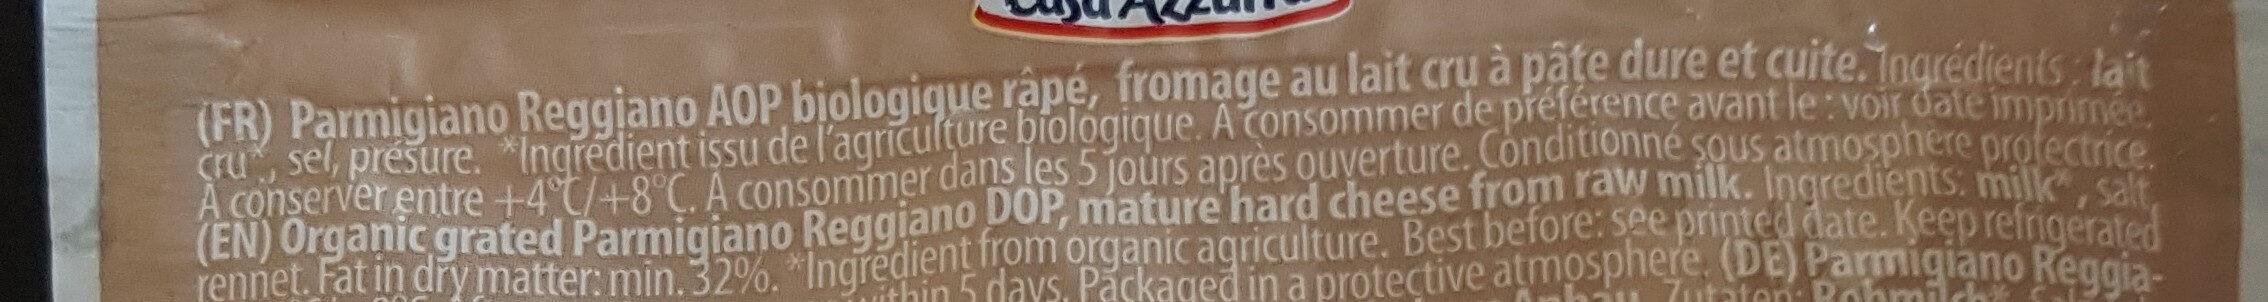 Parmigiano Reggiano DOP Bio - Ingrédients - fr